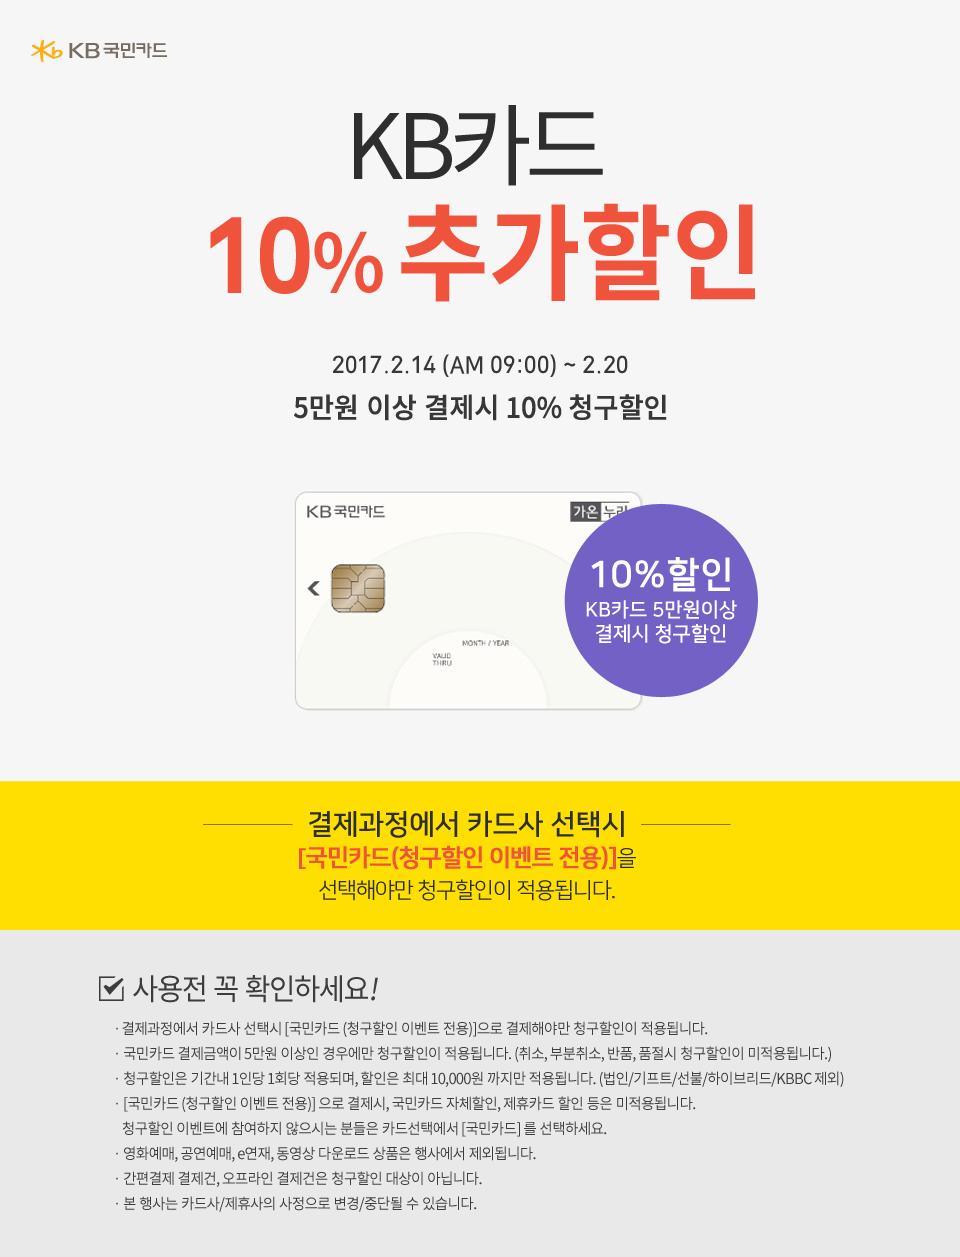 BC카드 10% 청구할인 이벤트